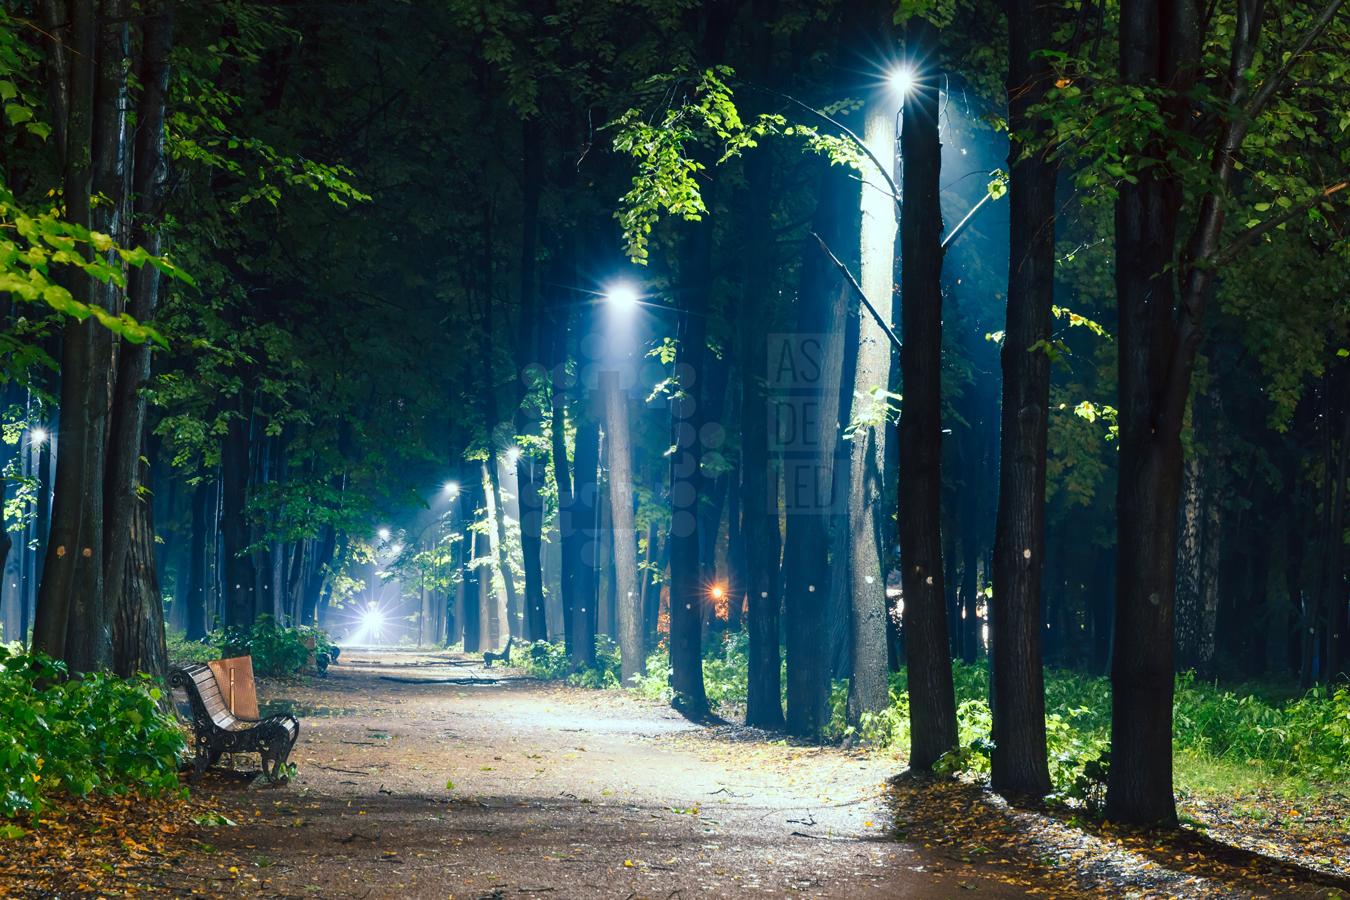 Comprar iluminacion LED vial para calles, parques y carreteras - Landing